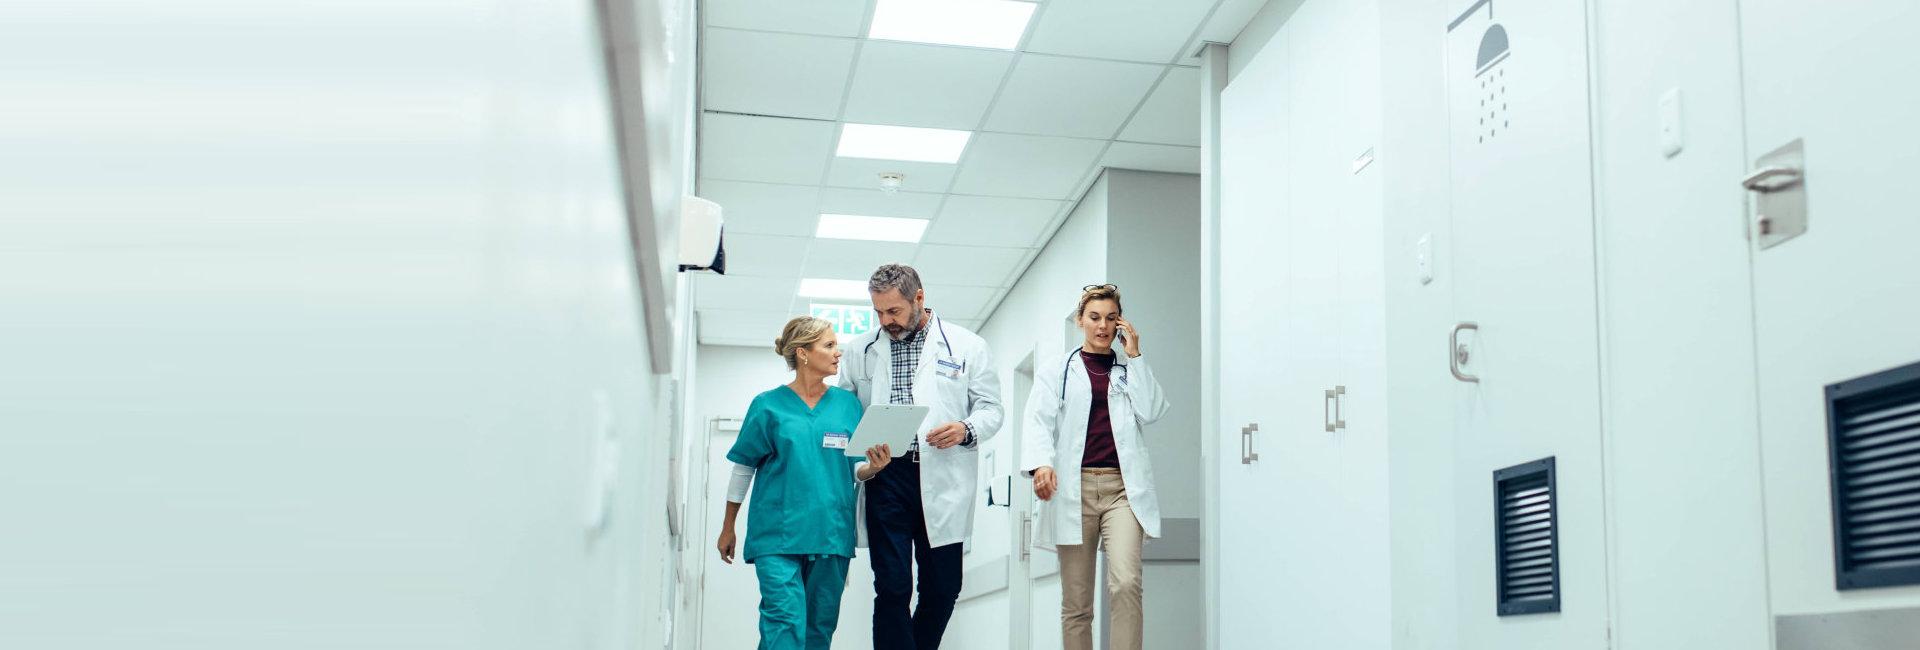 nurse talking to doctor